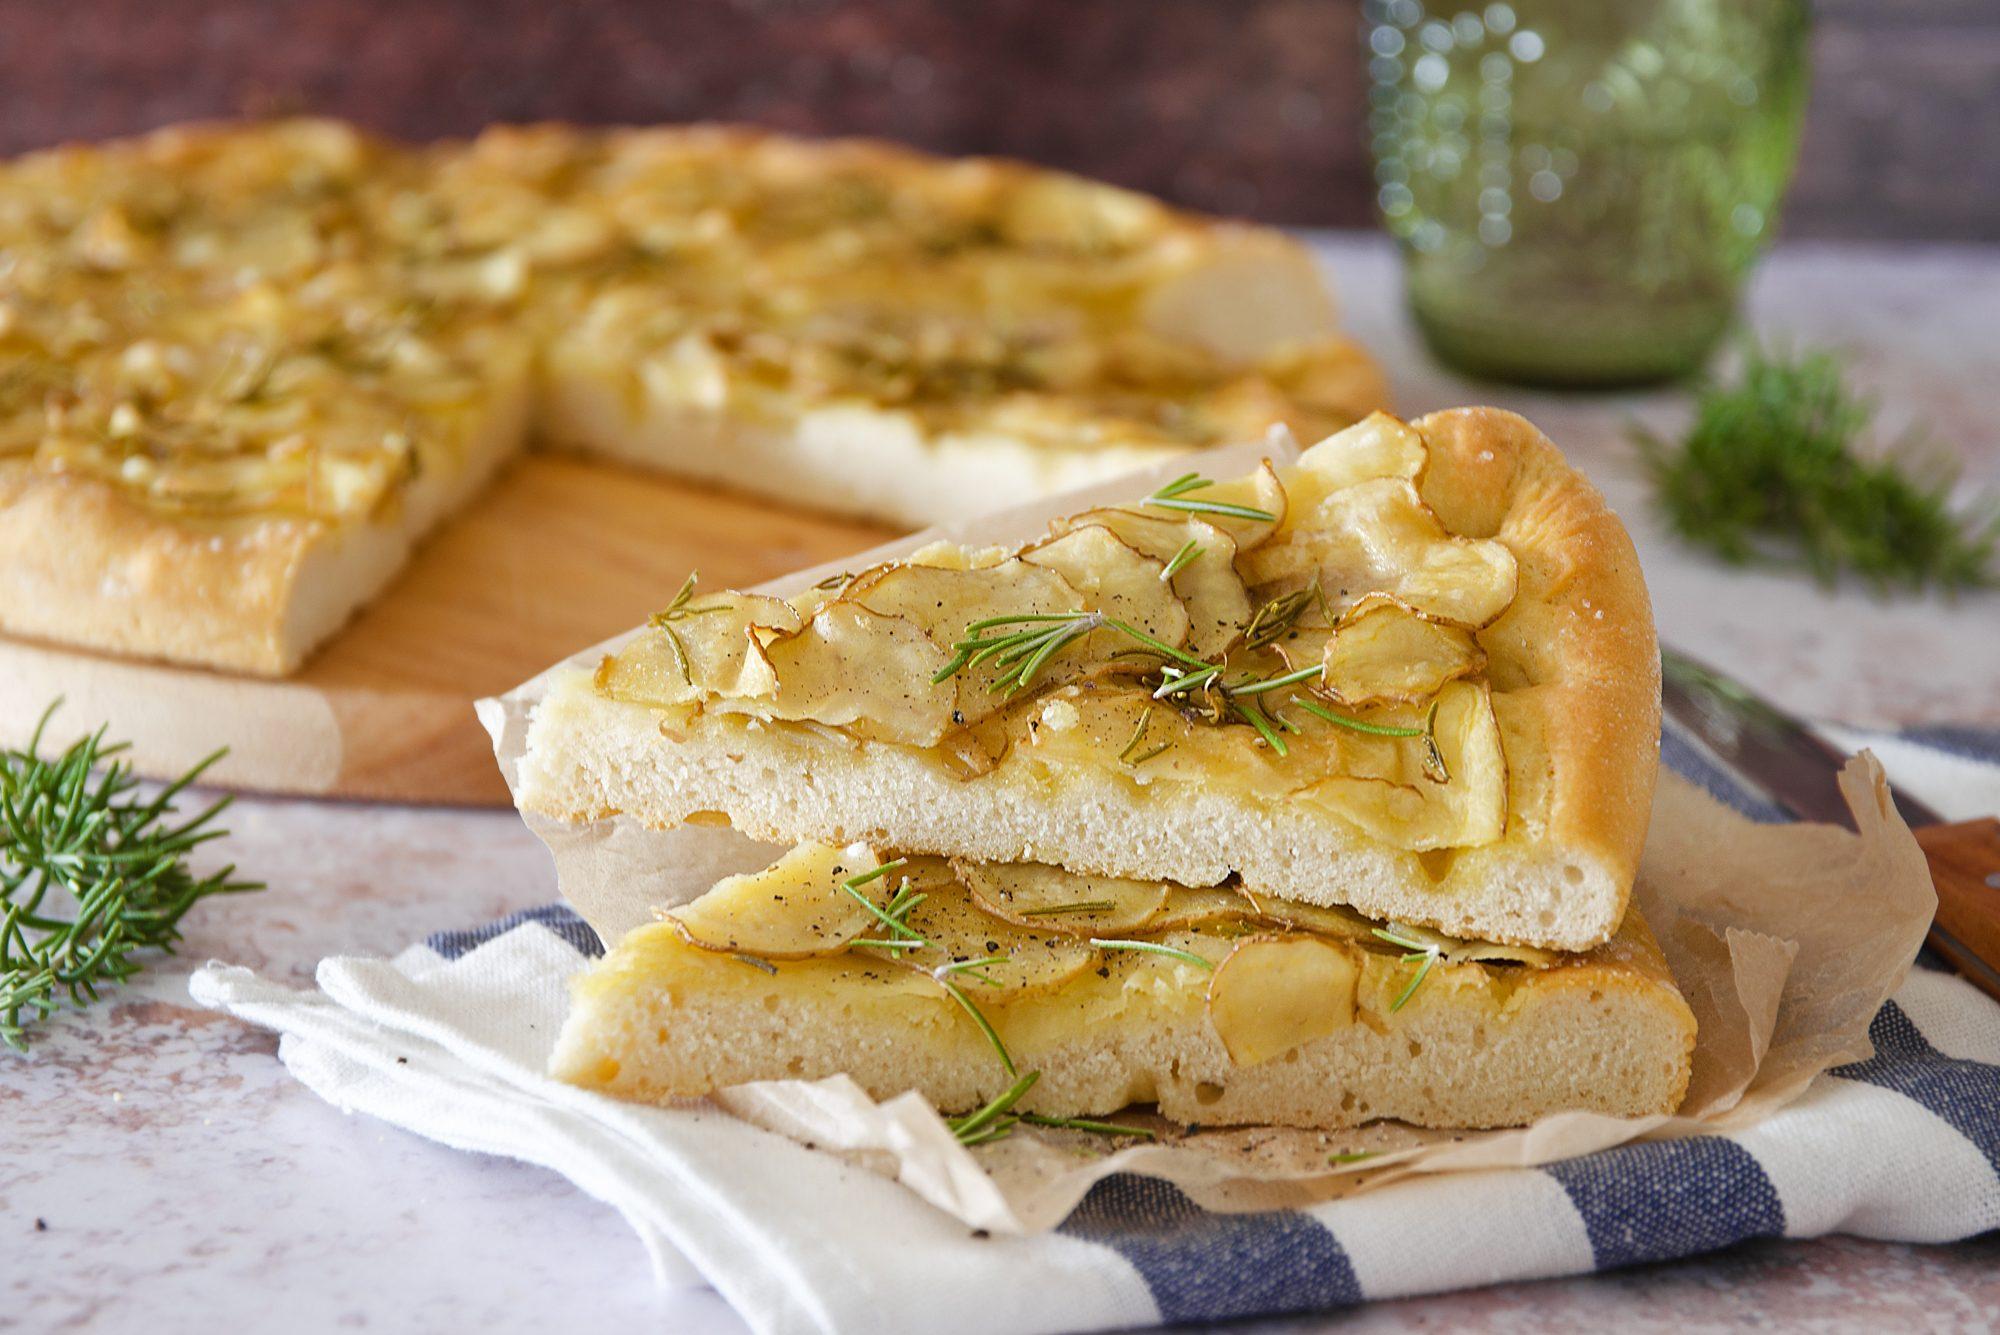 Focaccia di patate: la ricetta della focaccia rustica e golosa a lievitazione istantanea